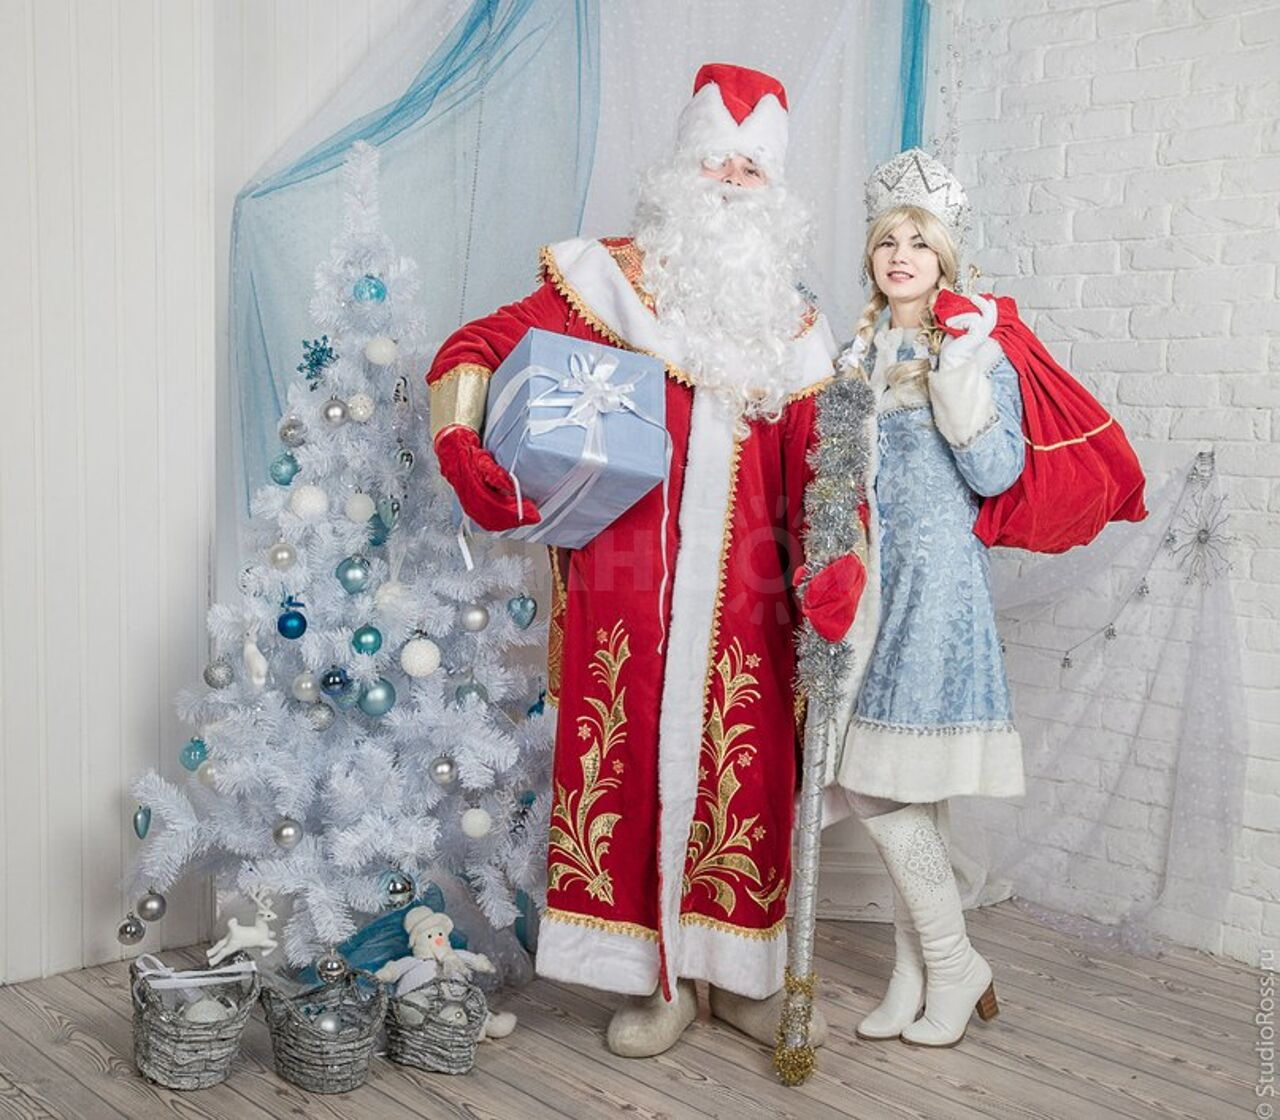 Картинки деда мороза и снегурочки на новый год, сыну днем